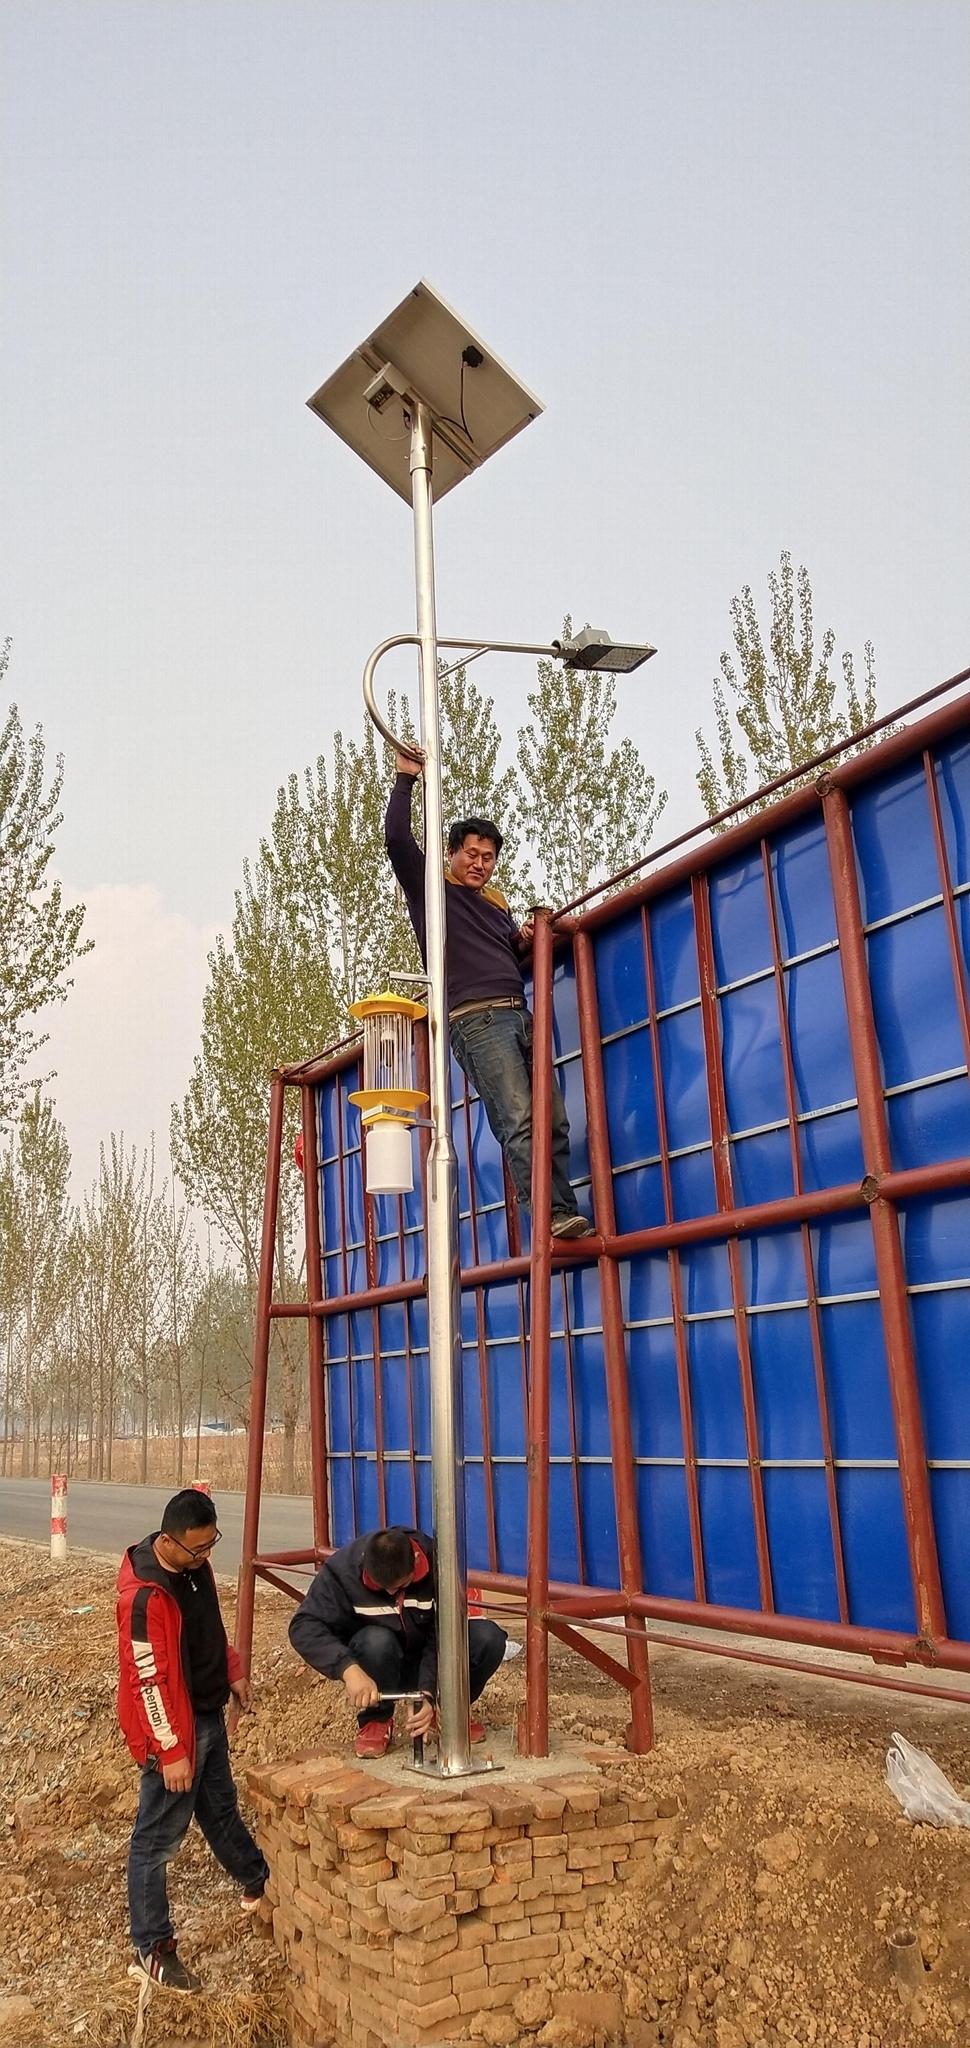 太陽能路燈景觀燈庭院燈地埋燈工礦燈廠家直銷 3